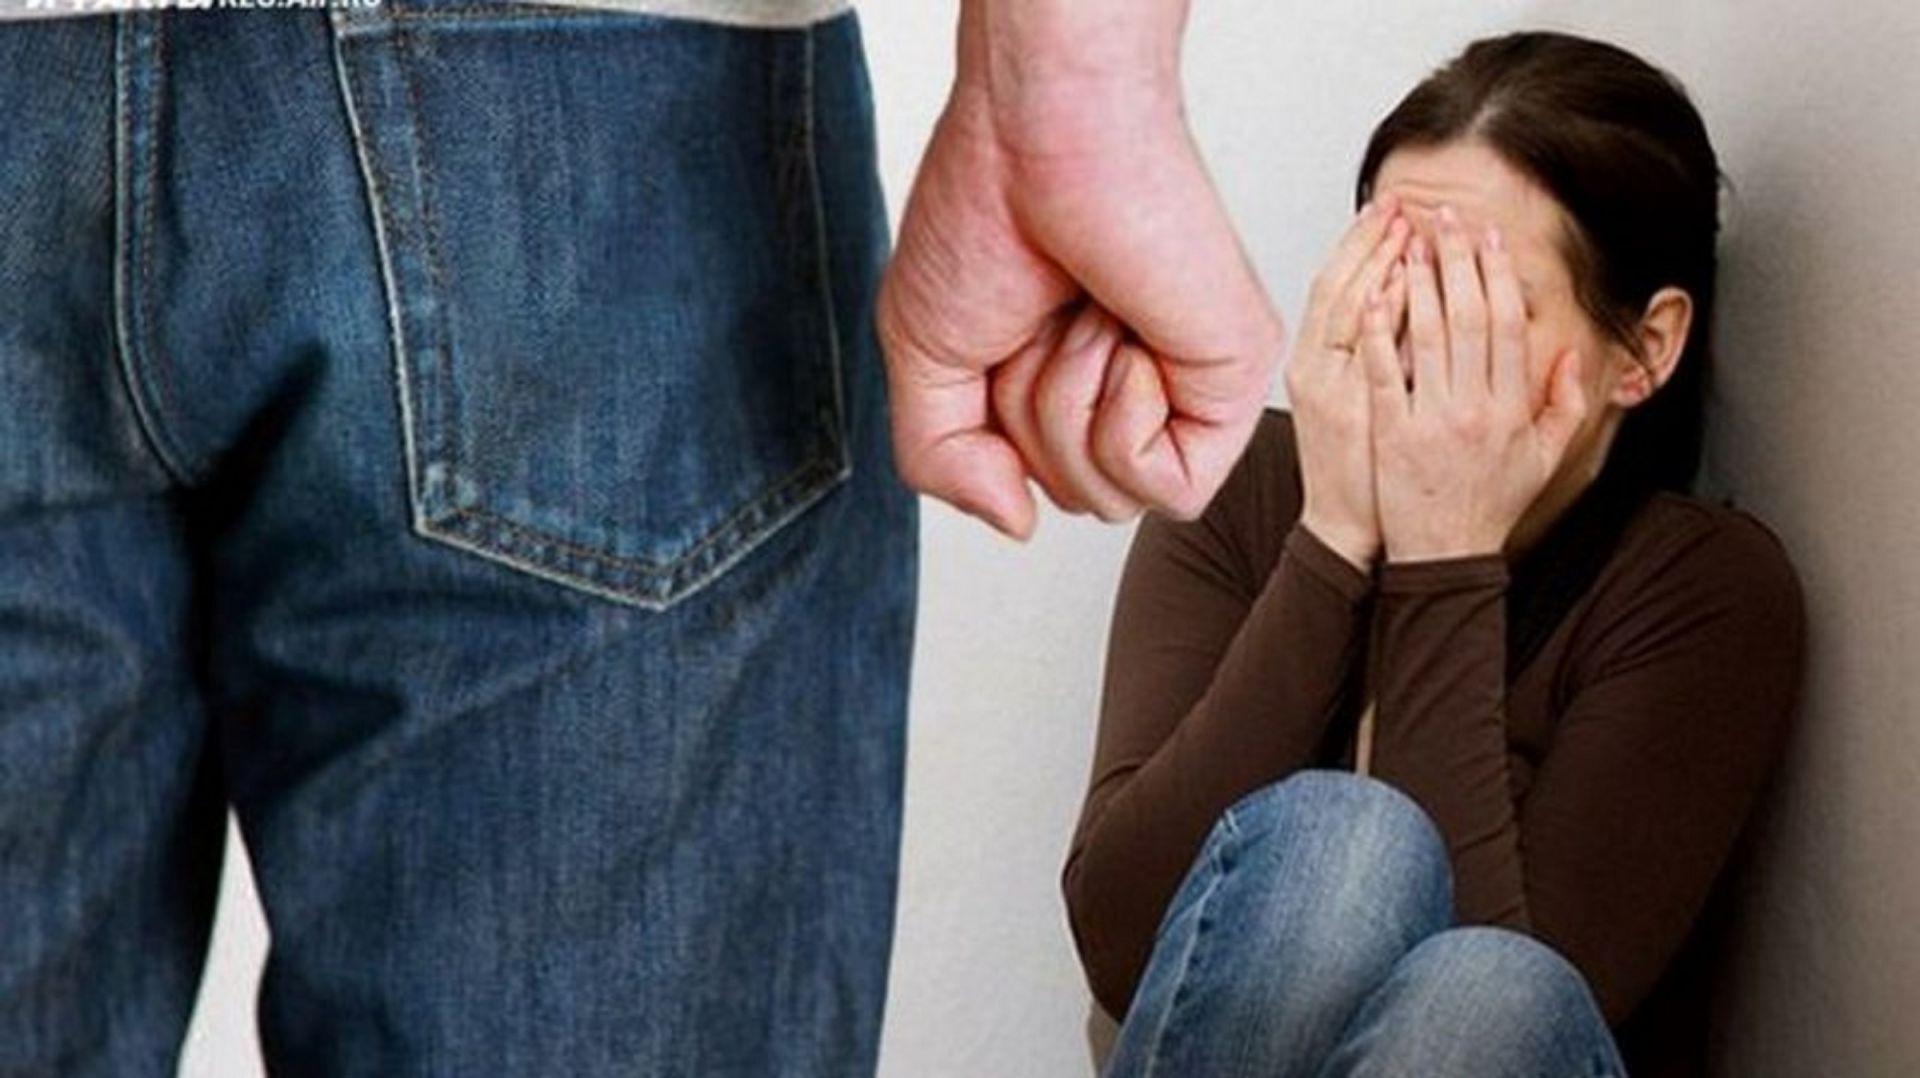 ВГеоргиевске мужчина зарезал сожительницу из-за упрёков оботсутствии еды вдоме